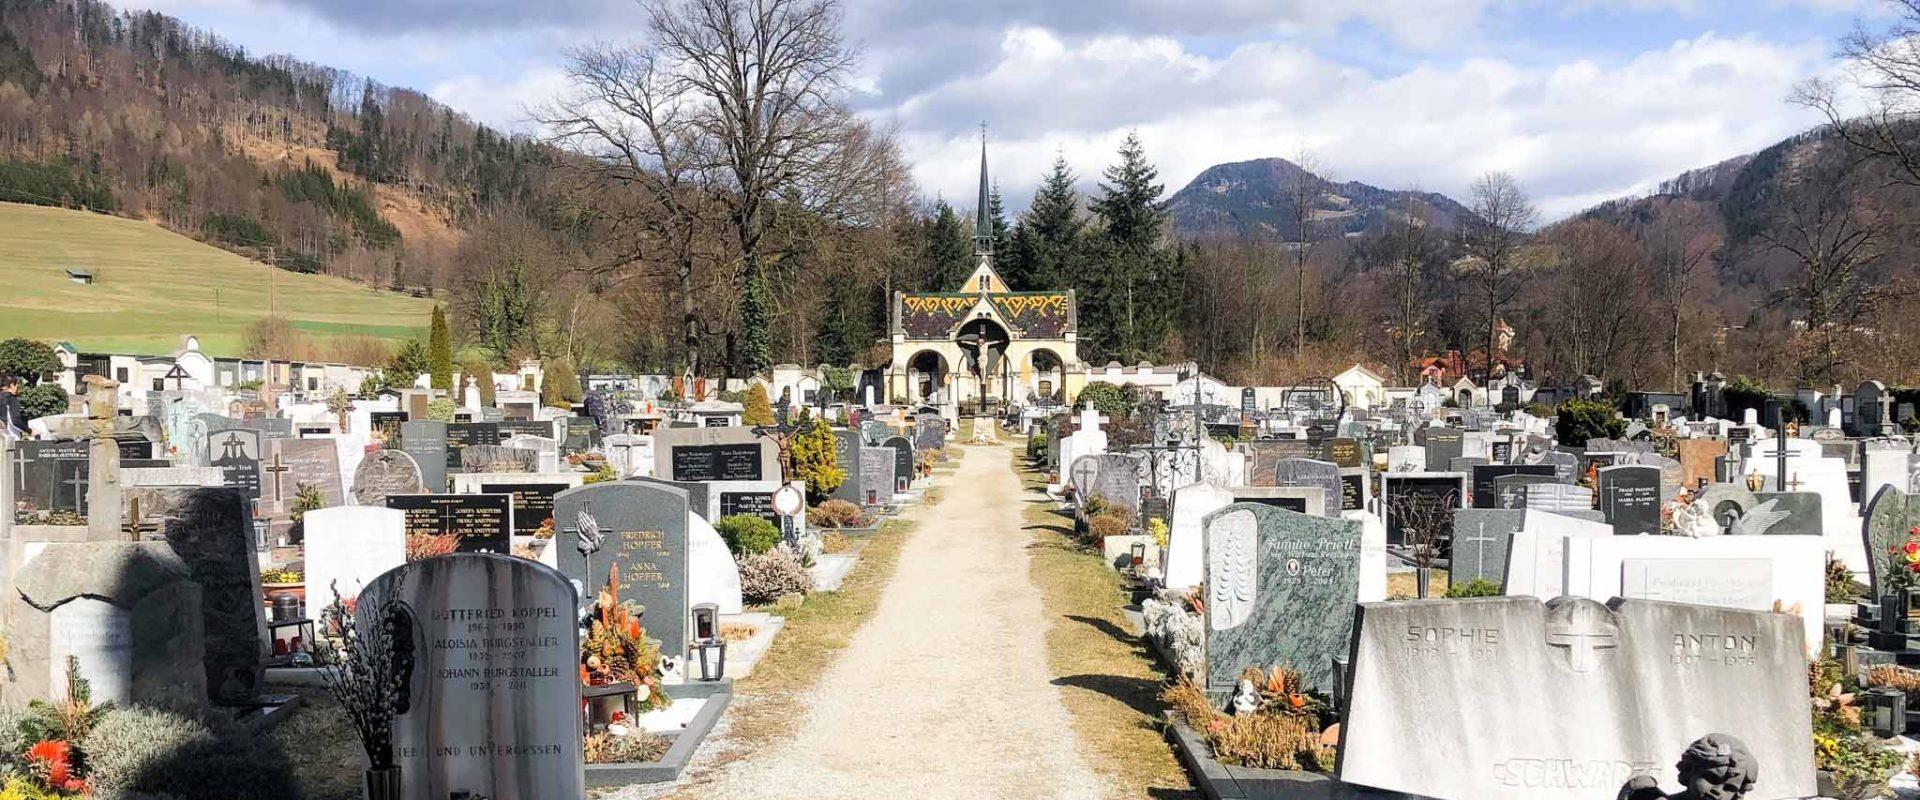 Friedhof Frohnleiten